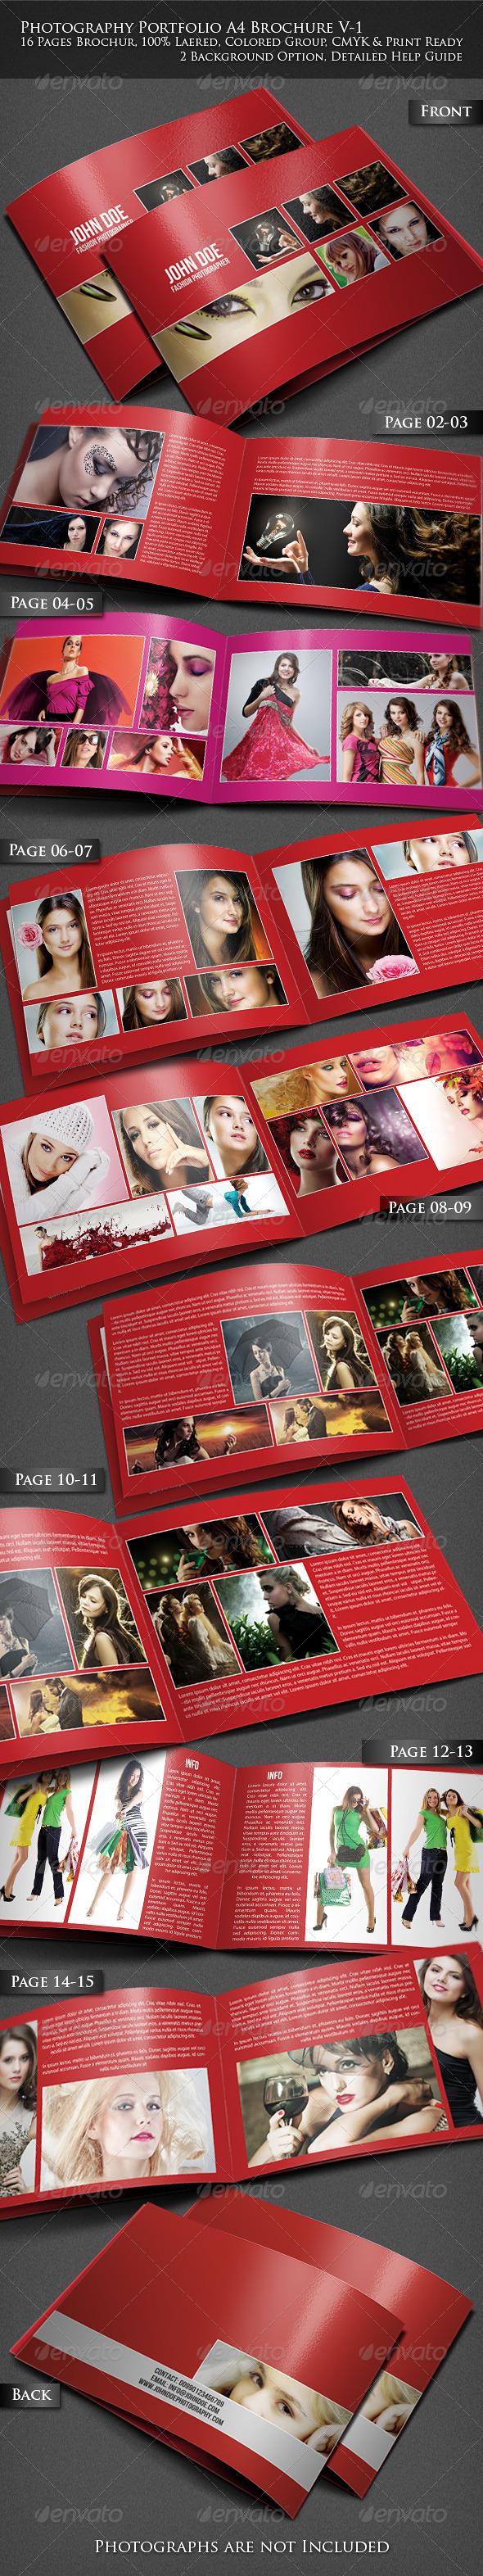 GraphicRiver Photography Portfolio A4 Brochure 3919415